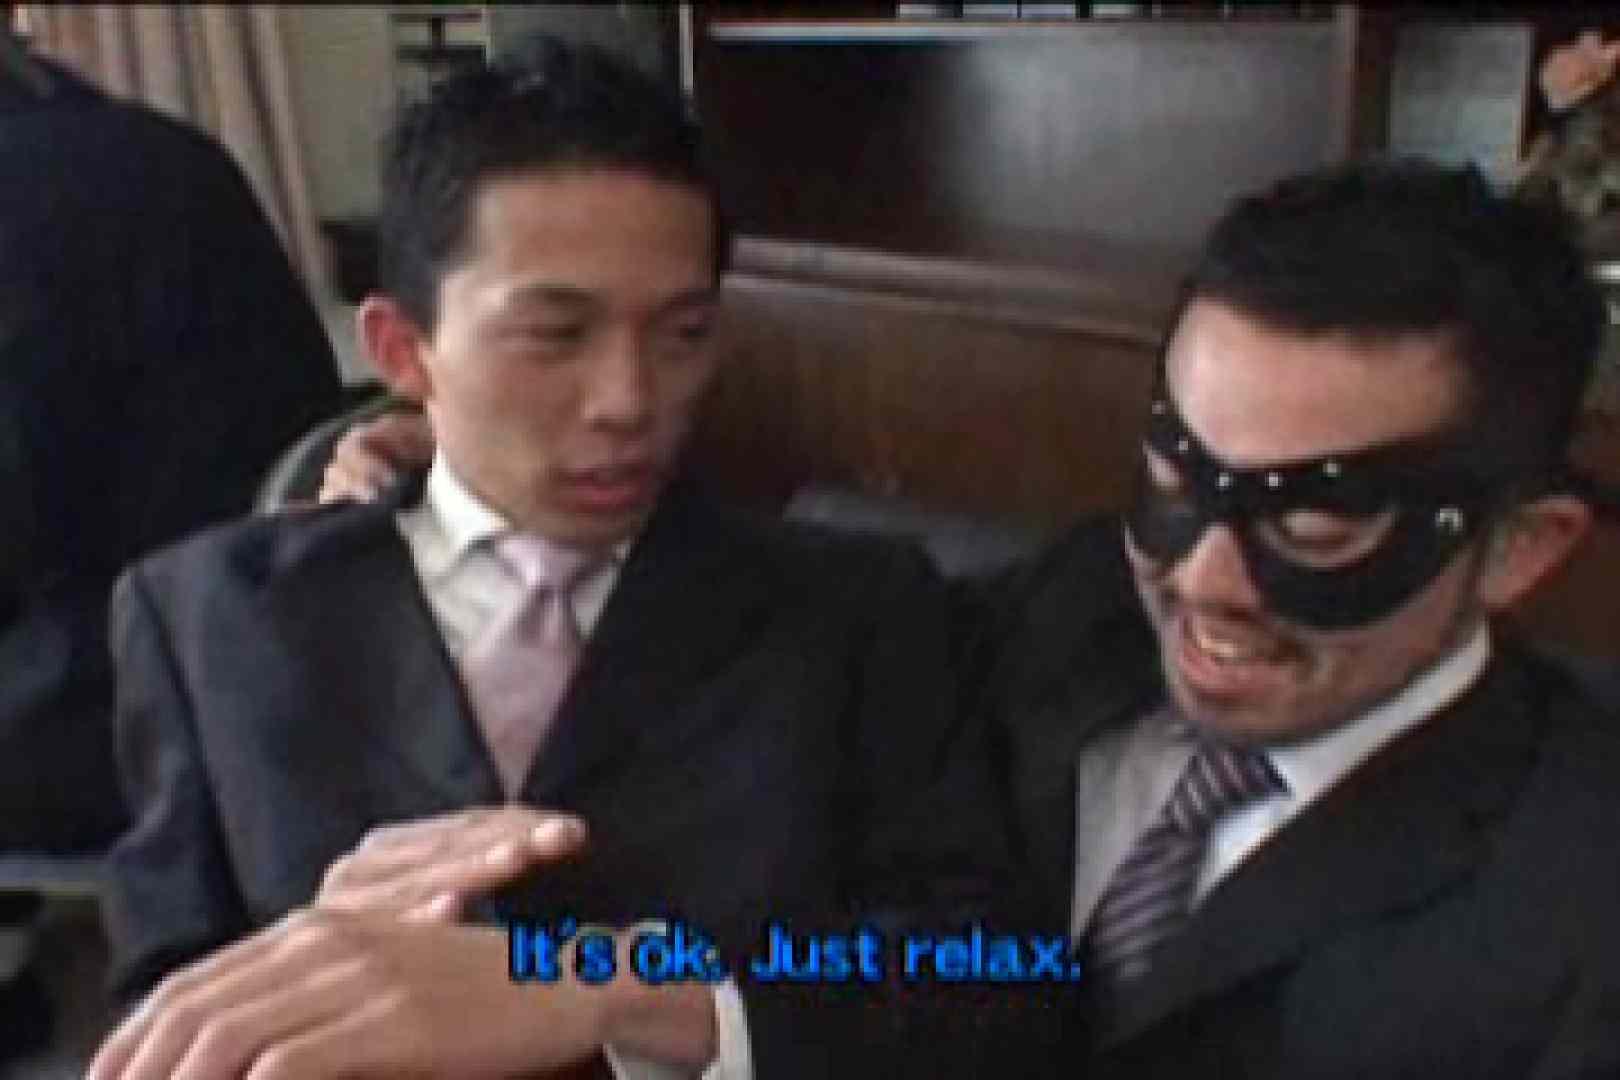 怒涛の集団攻撃!!vol.01 フェラ | 顔射シーン ゲイ素人エロ画像 115枚 35